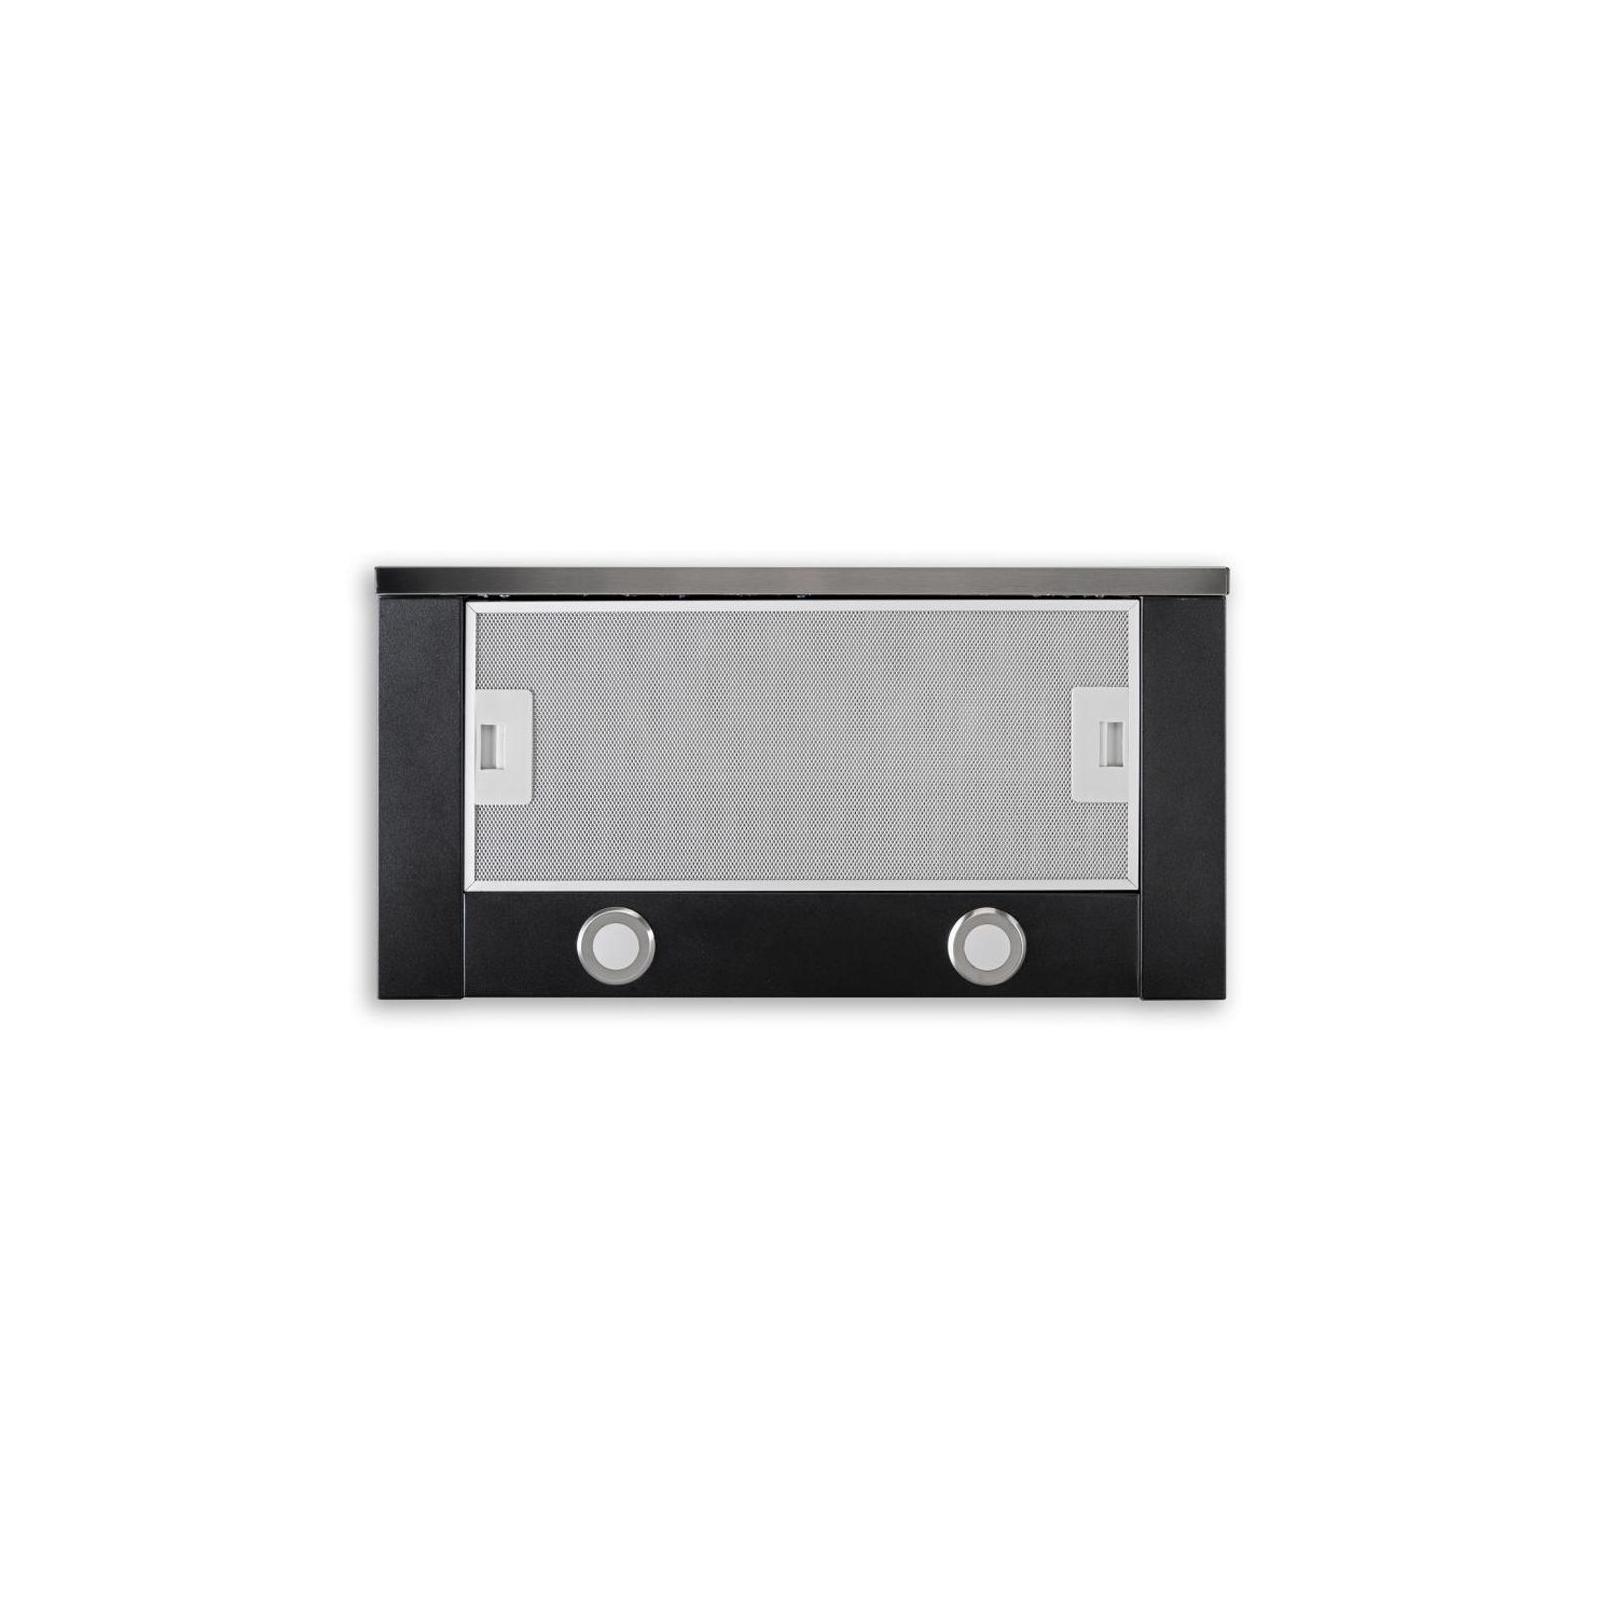 Вытяжка кухонная MINOLA HTL 6062 I/BL GLASS 450 LED изображение 3